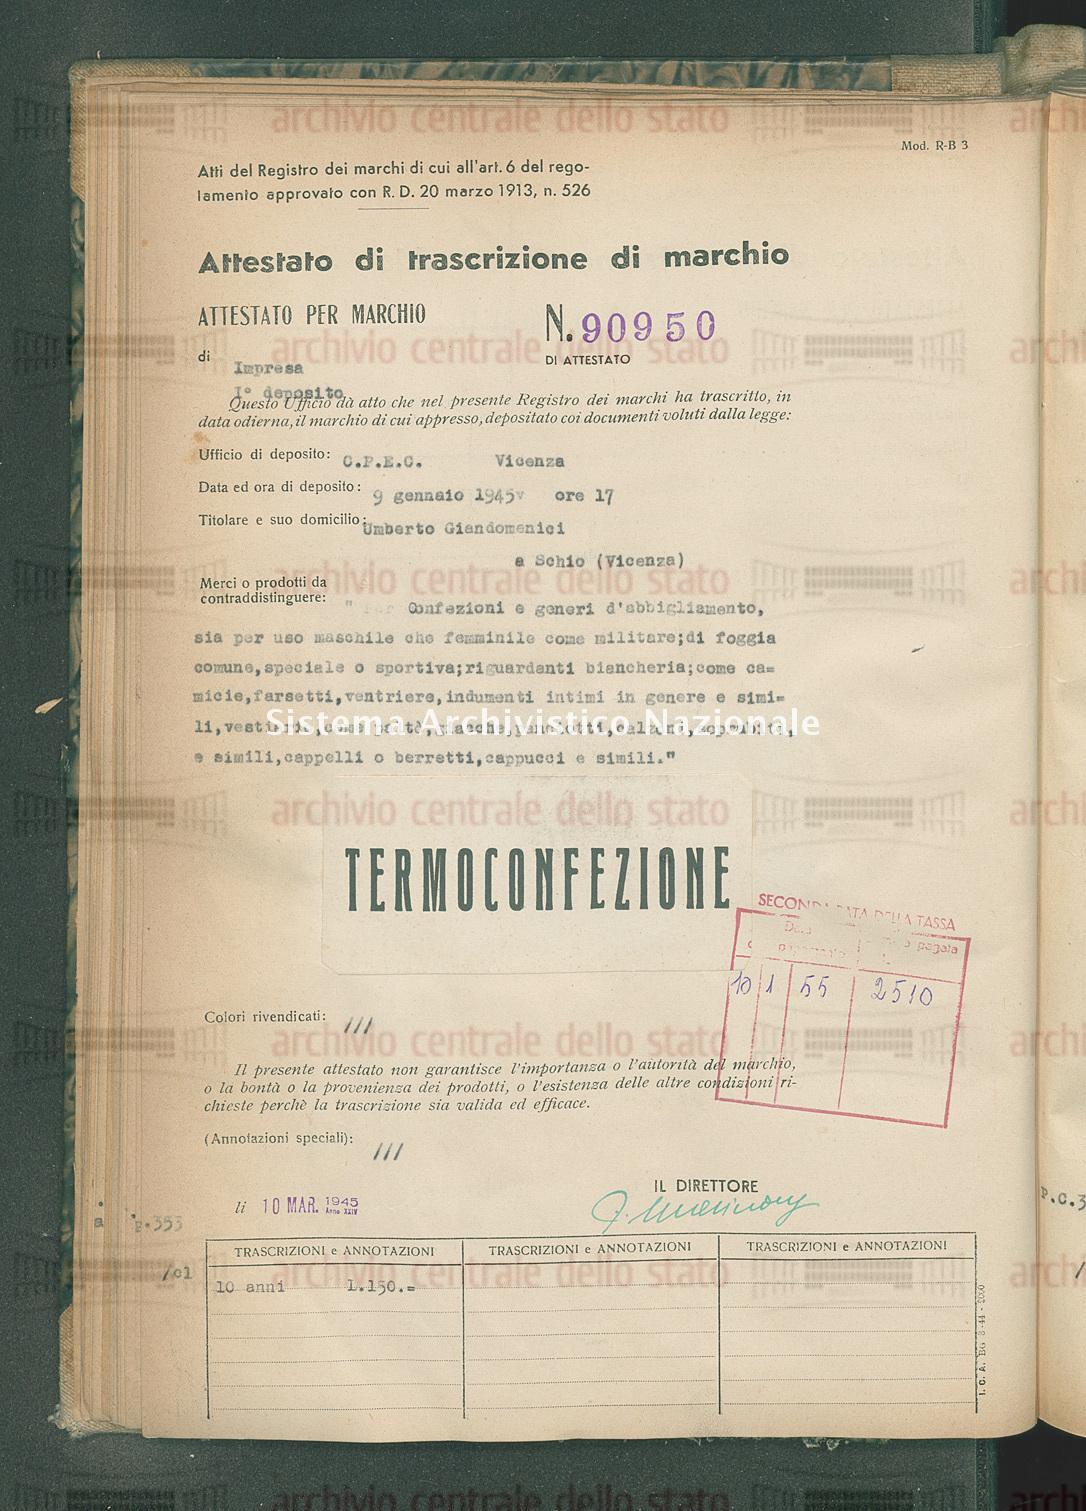 'Per confezioni e generi d'abbigliamento, sia per uso maschile che ecc Umberto Giandomenici (10/03/1945)